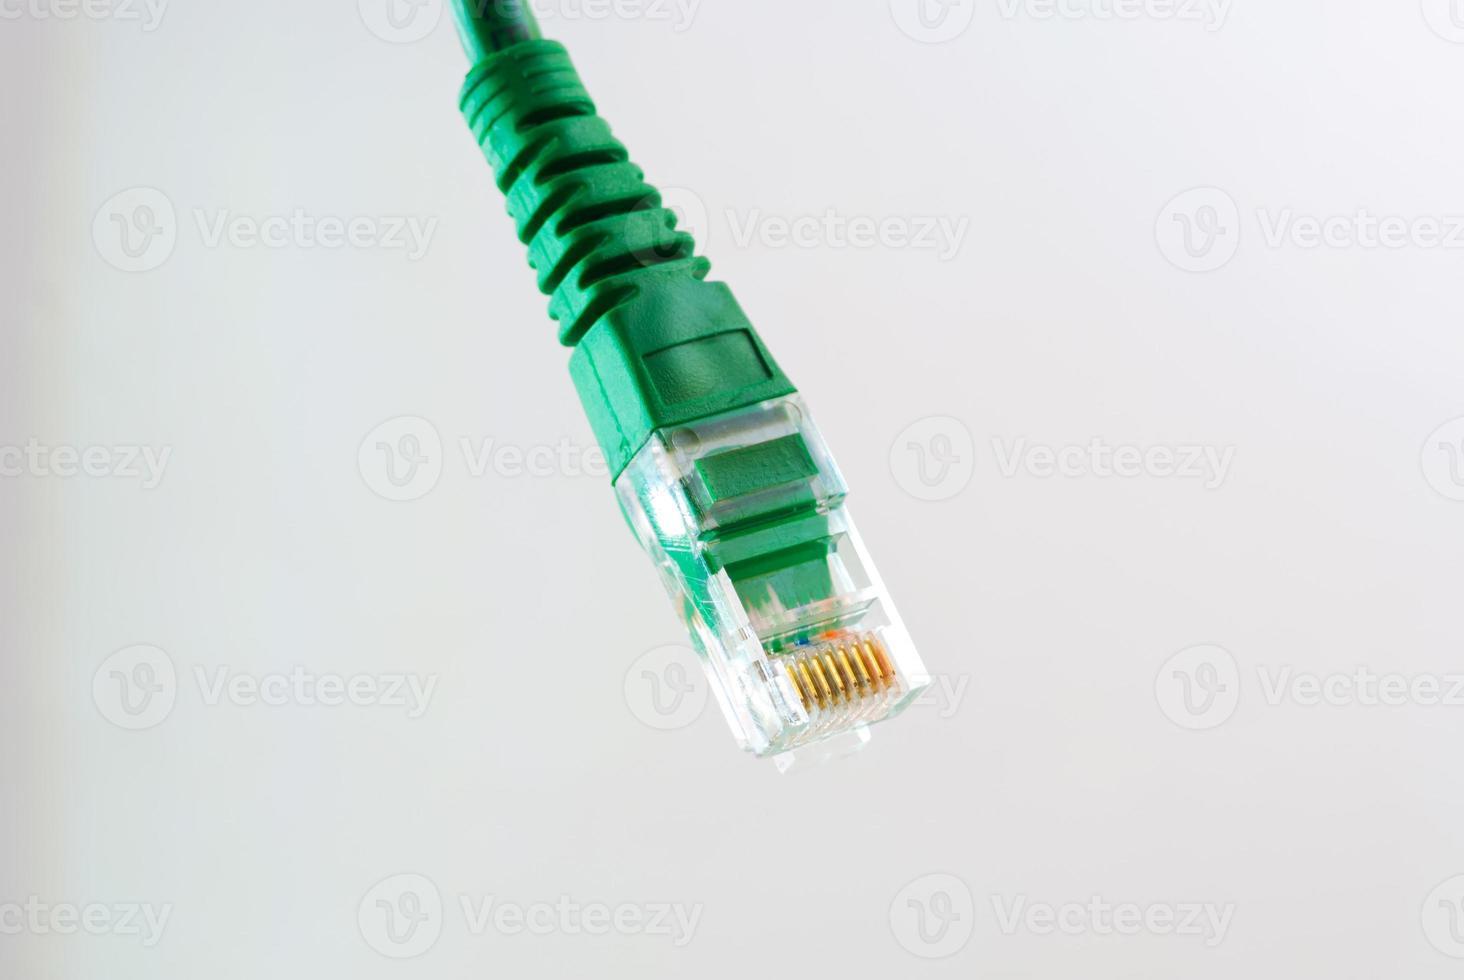 cabeça de cabo de rede rj45 em fundo branco foto